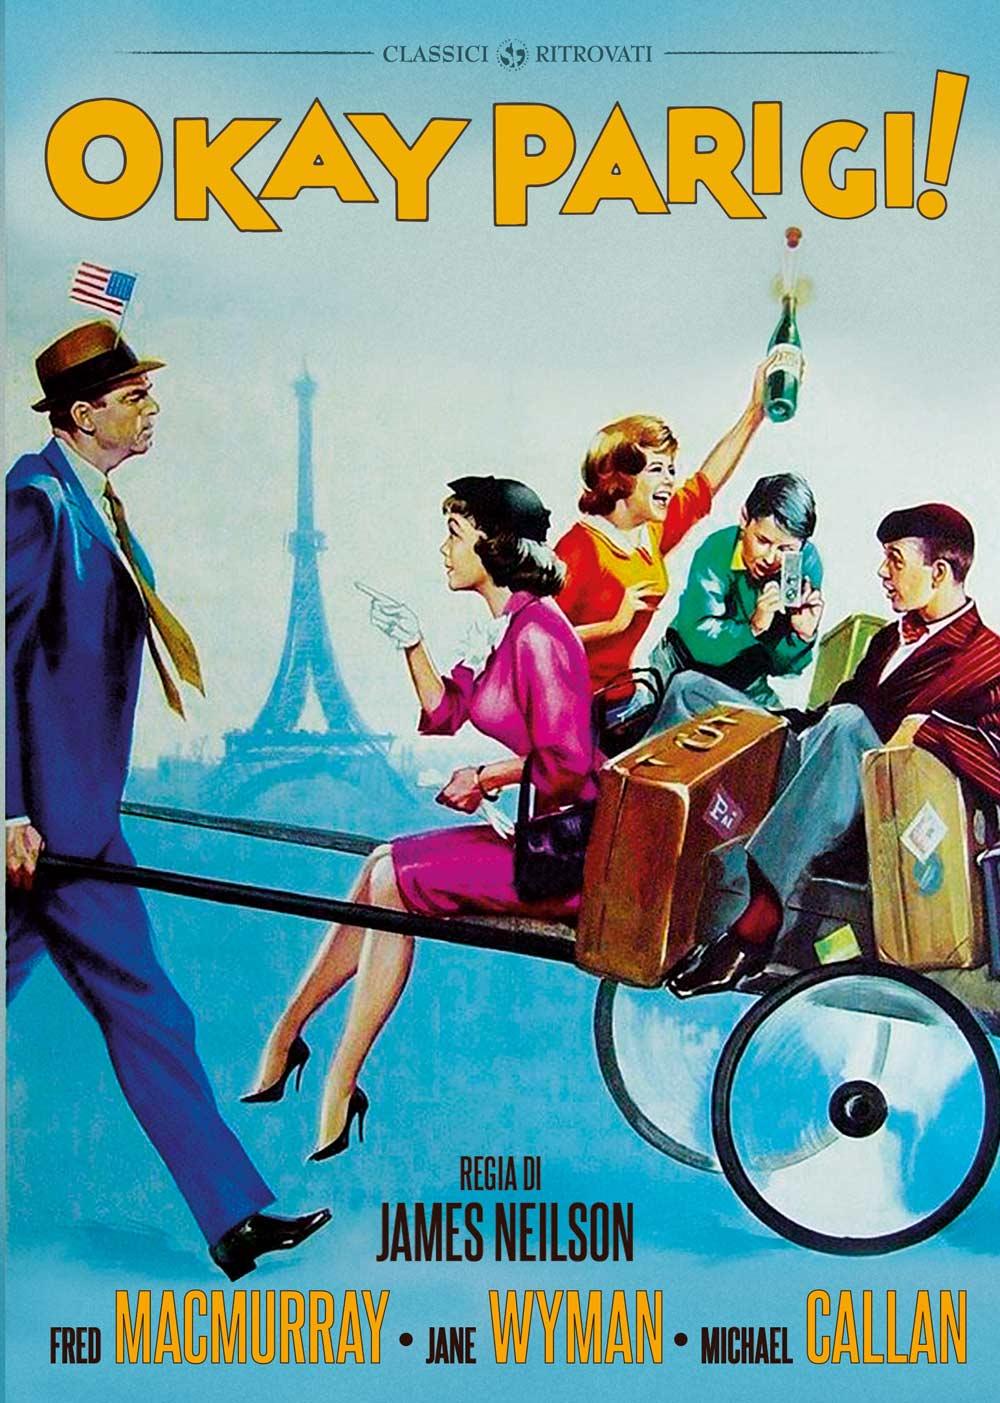 OKAY PARIGI! (DVD)